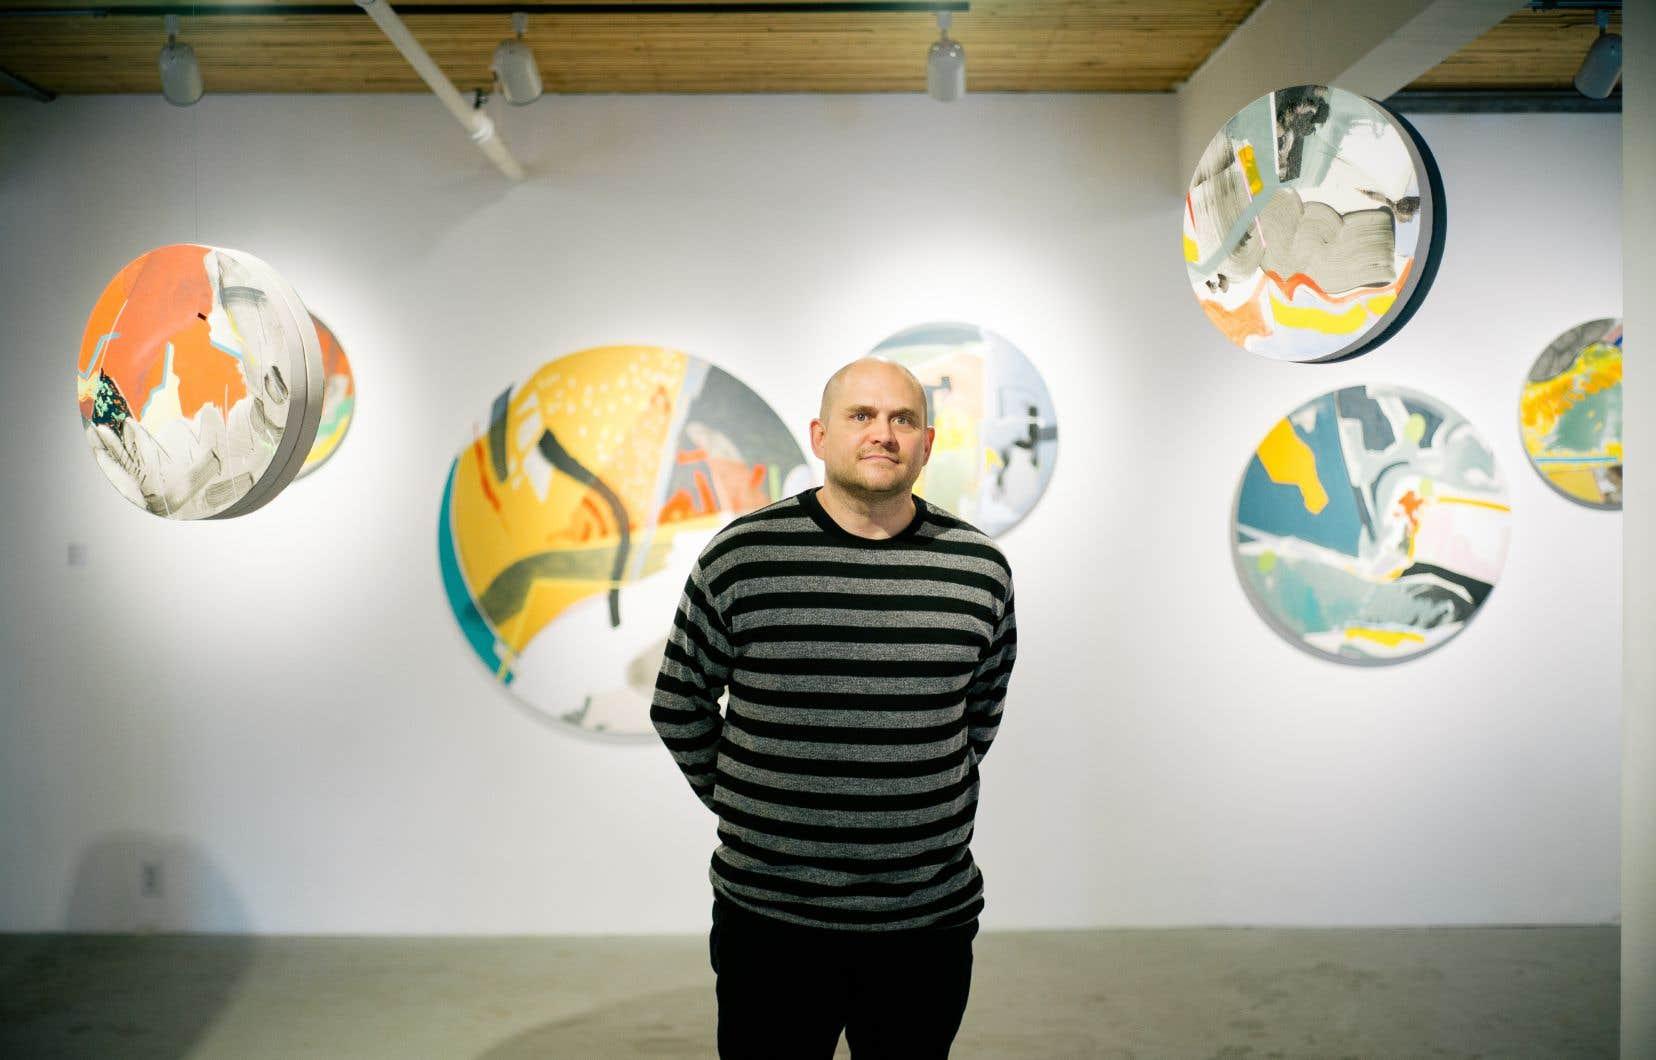 Montréal, ville peinture? Trevor Kiernander le croit. C'est ce qui l'a motivé à concevoir «Pictura». Pour proposer un «instantané» de ce qui se fait en peinture en ville.